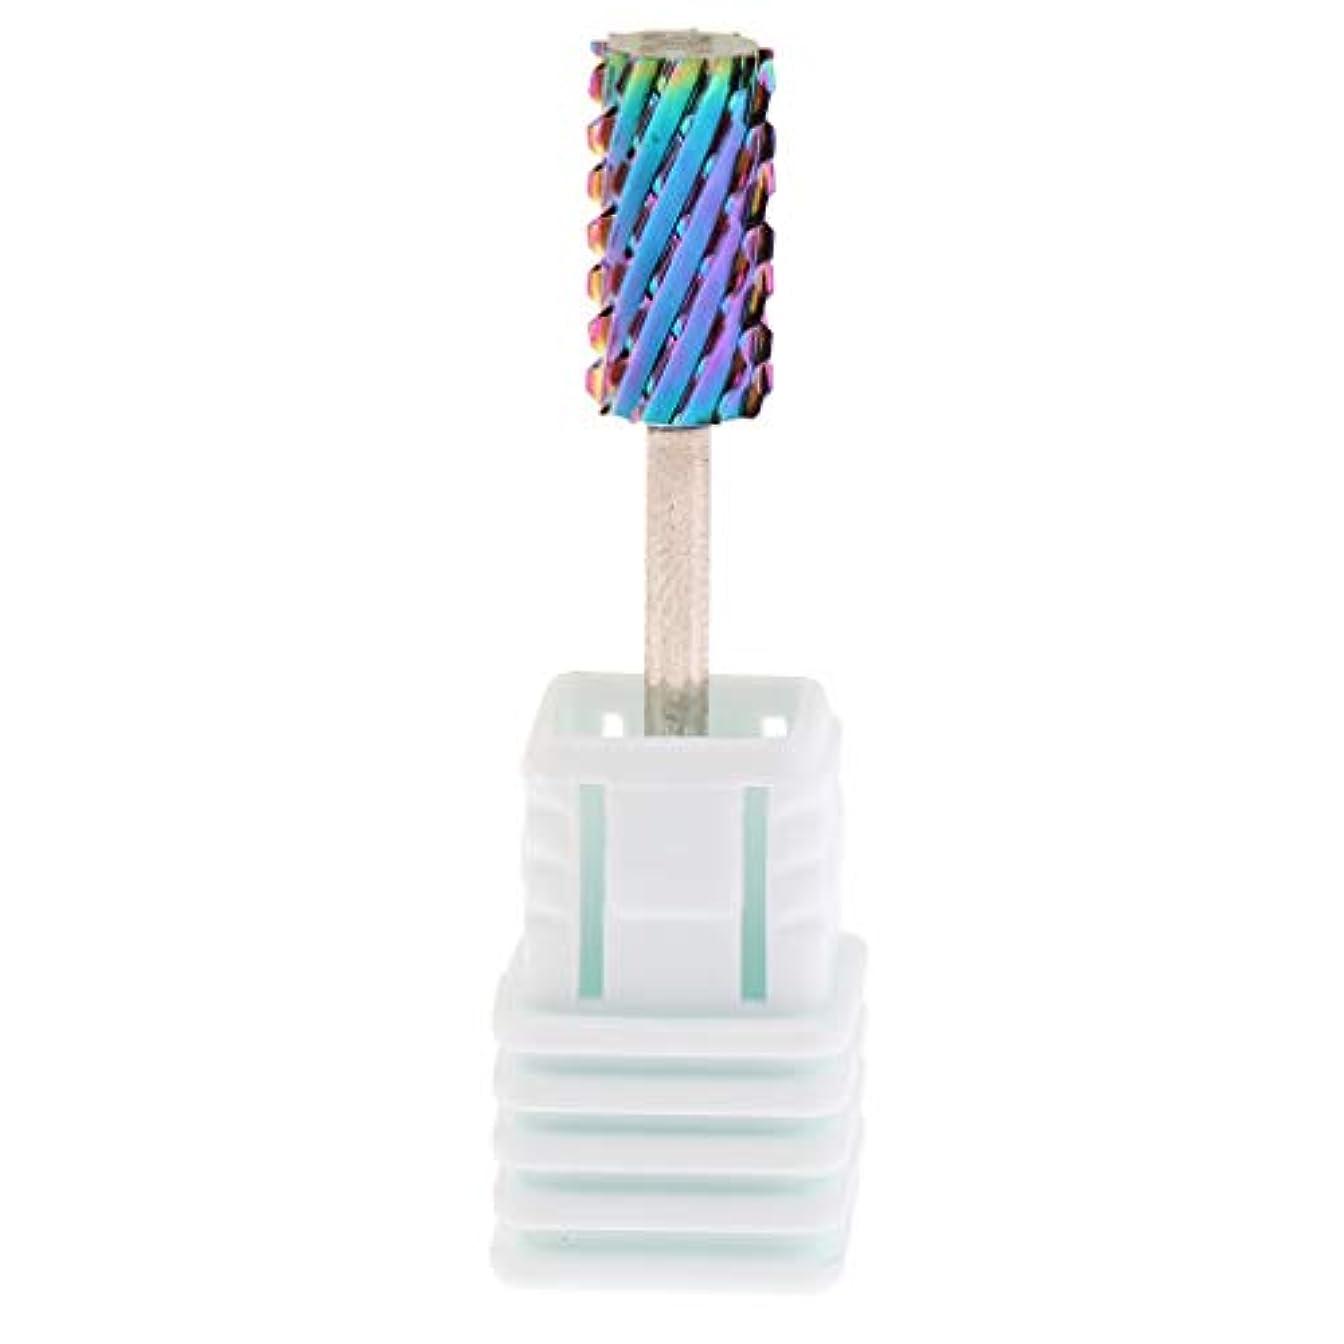 踏みつけ増幅する性的P Prettyia 6サイズ 釘 穴あけ工具 キューティクル 爪やすり 電気ファイルツール - XC